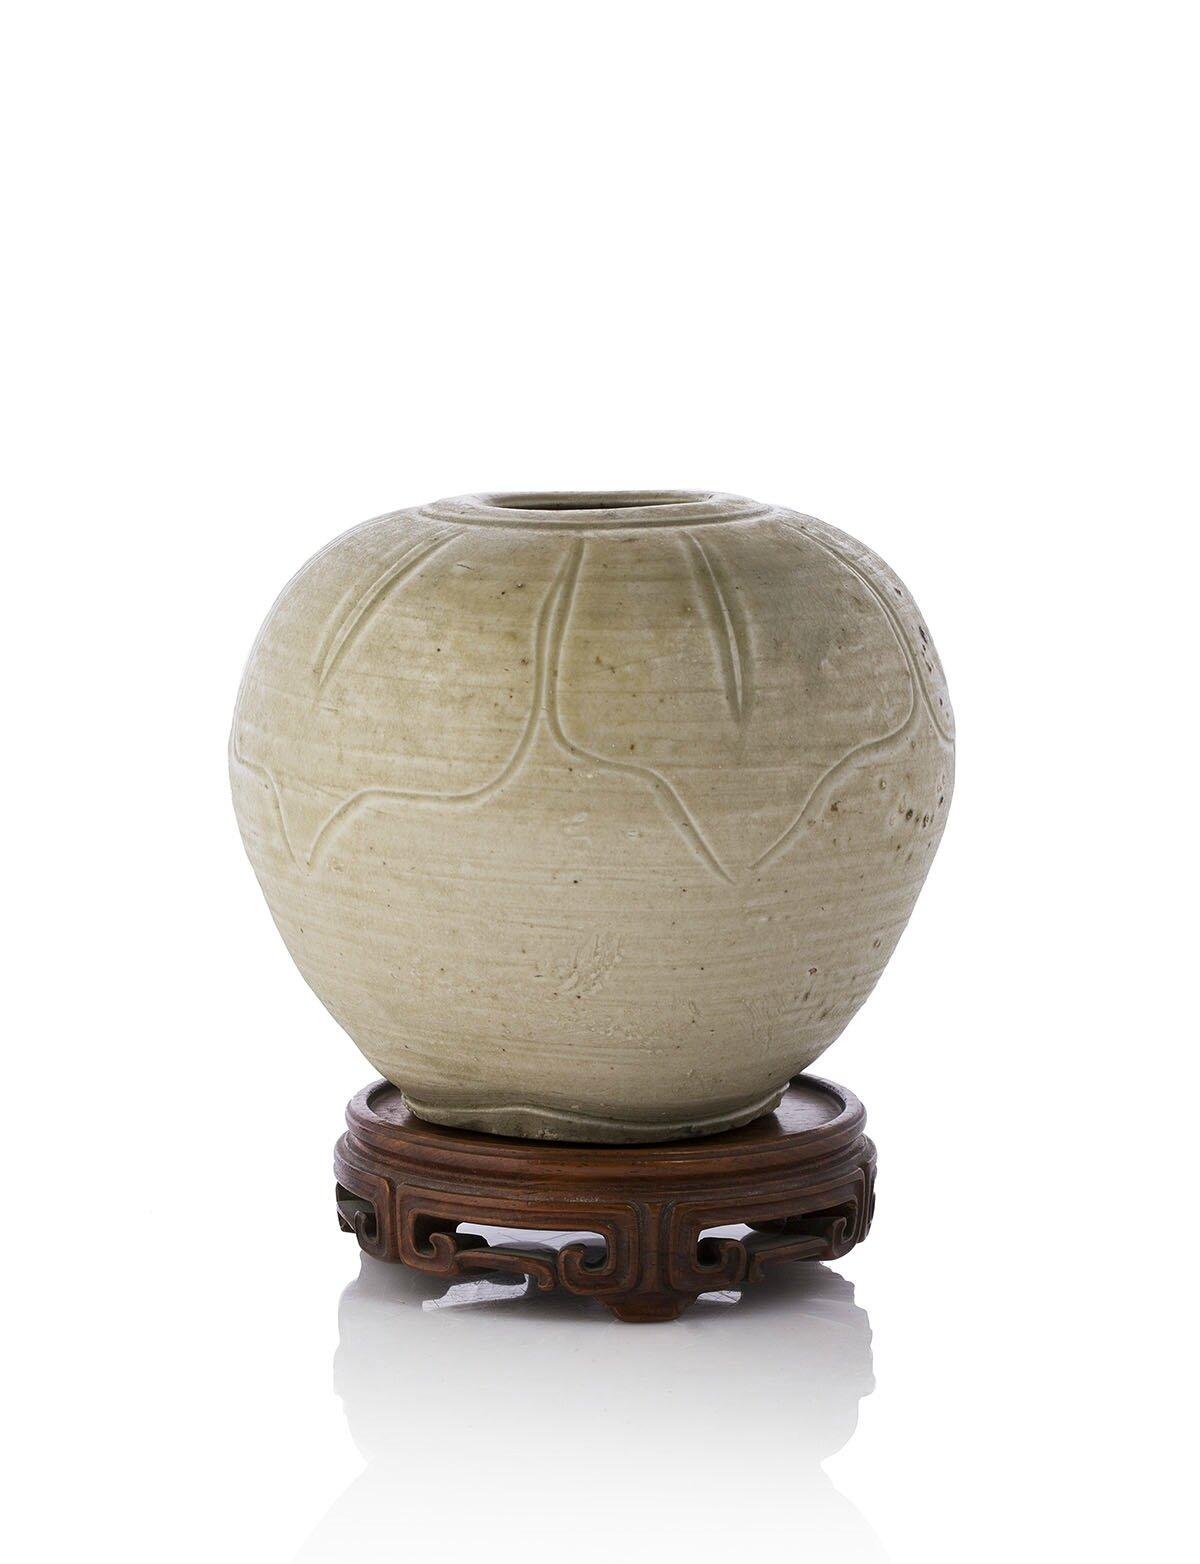 Vase à englobe beige à décor incisé de fleurs de lotus, Vietnam, XIVe siècle